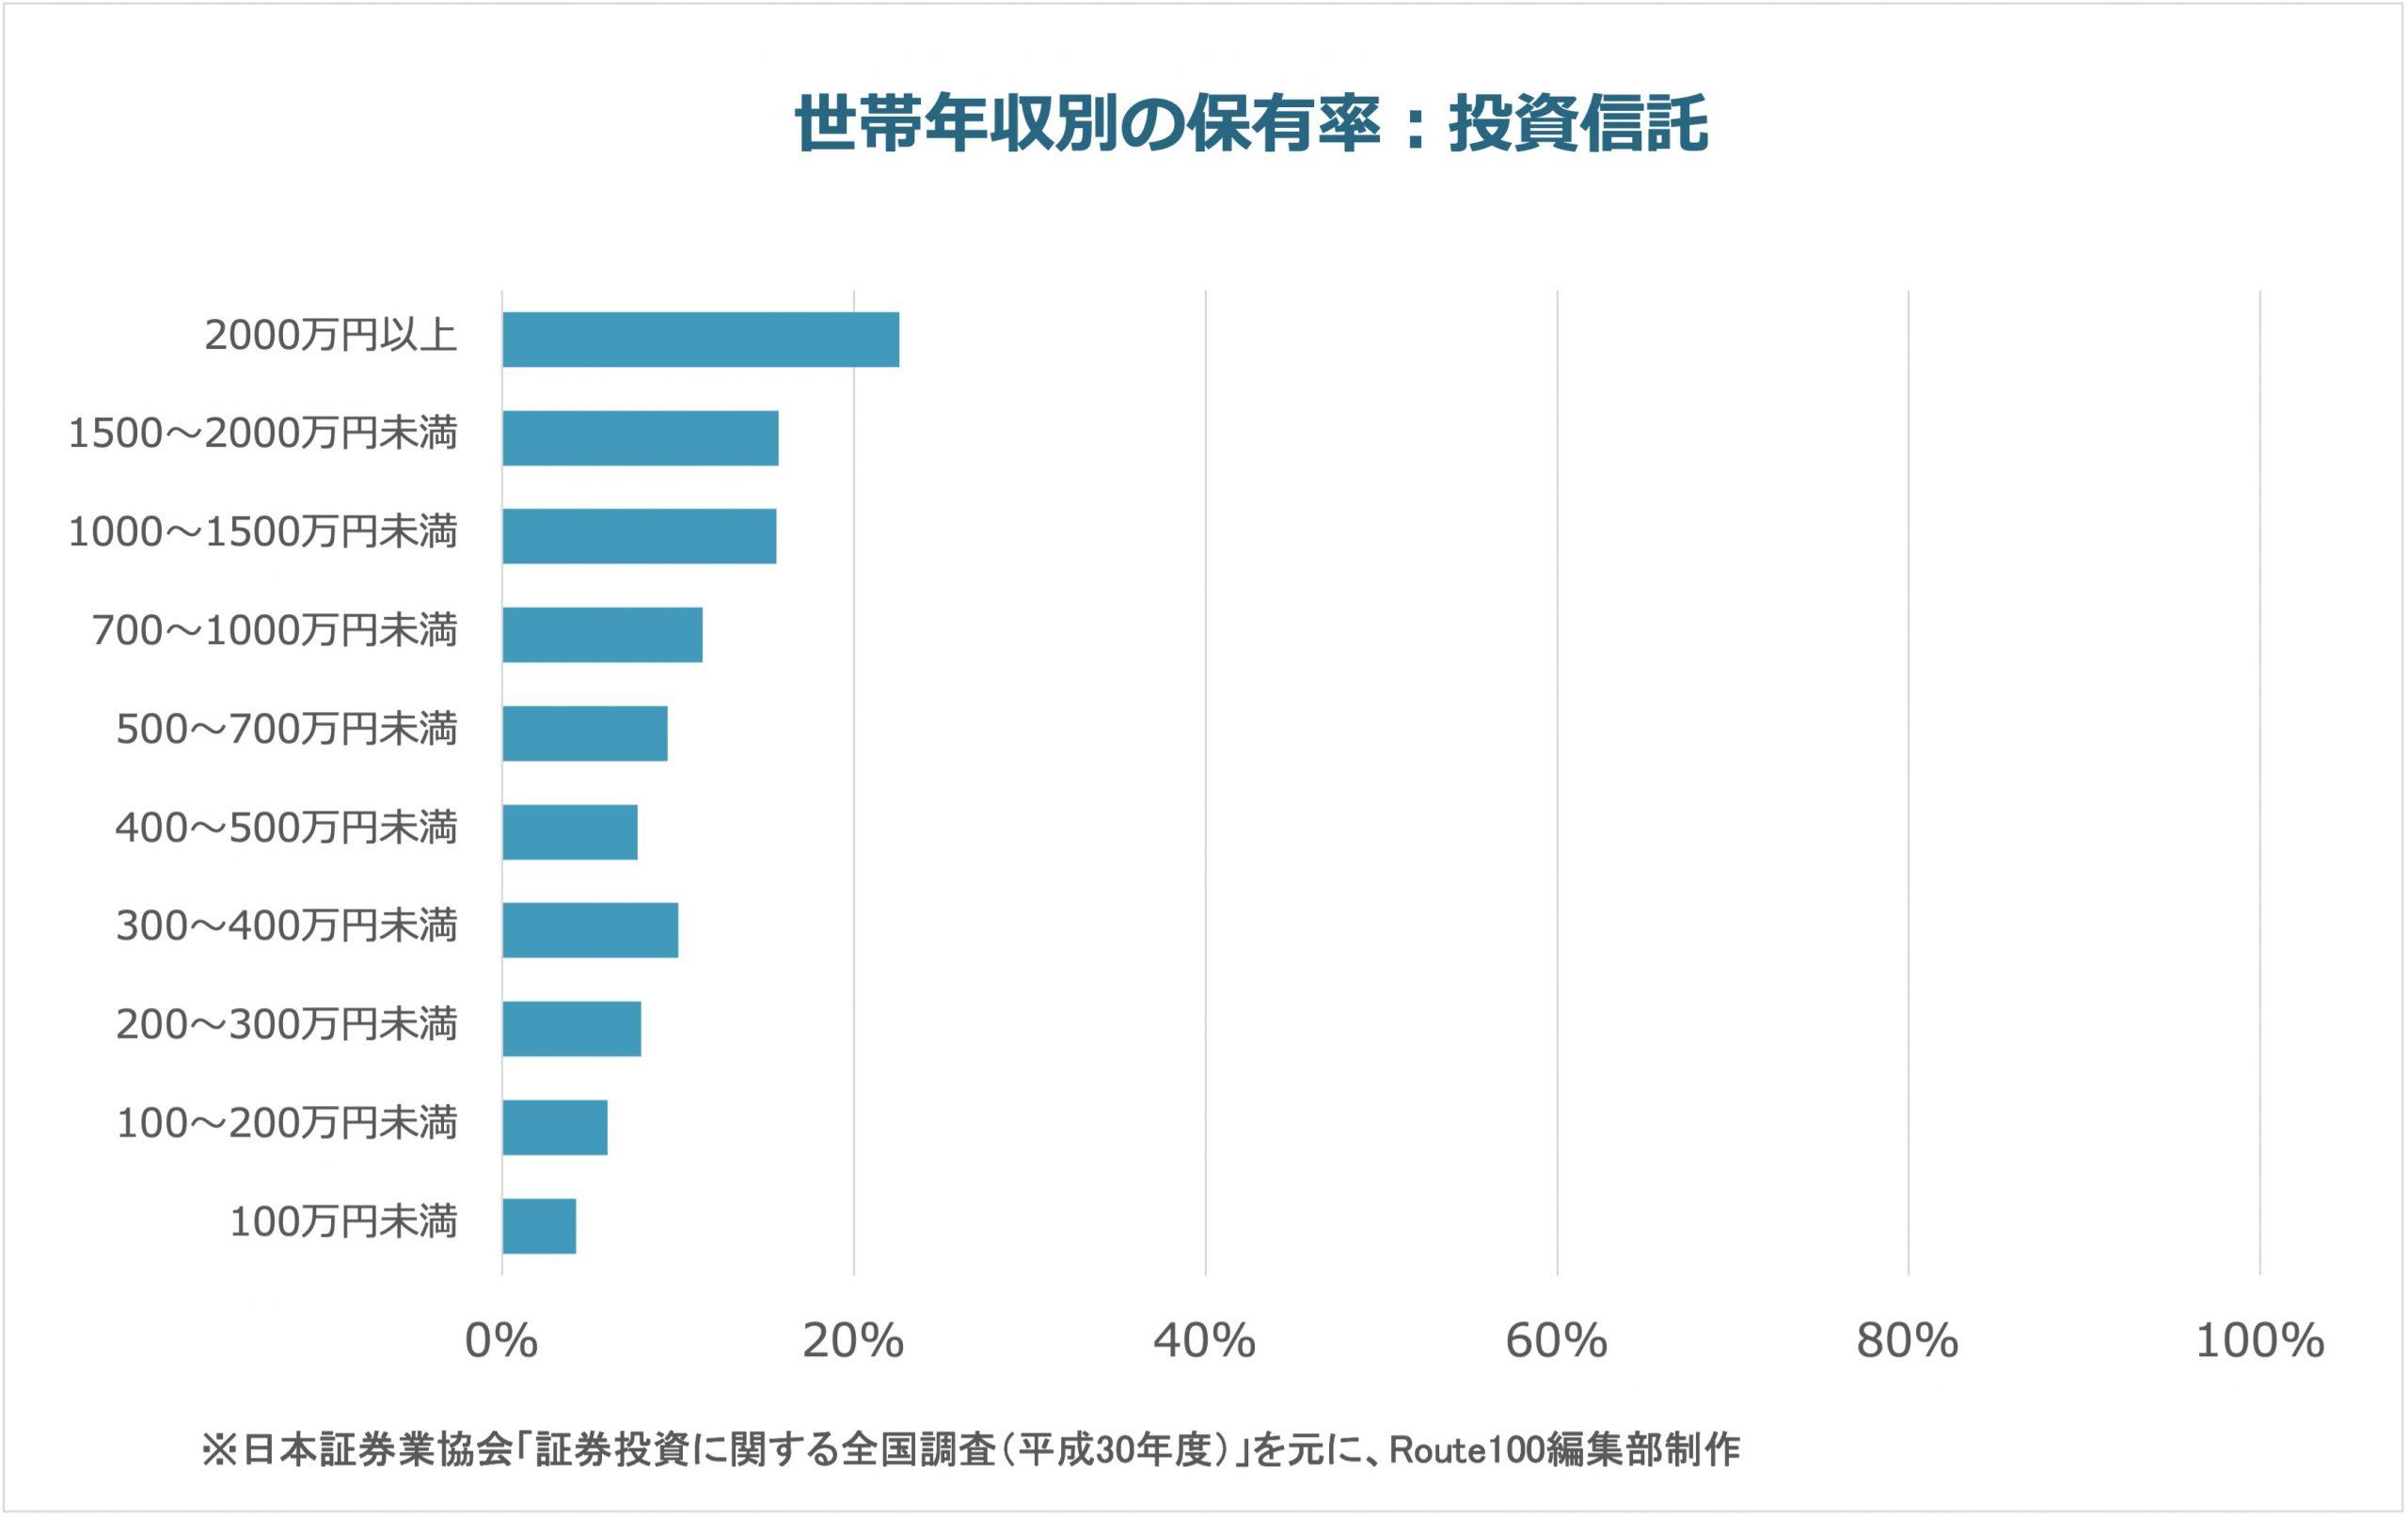 世帯年収別の投資信託保有率